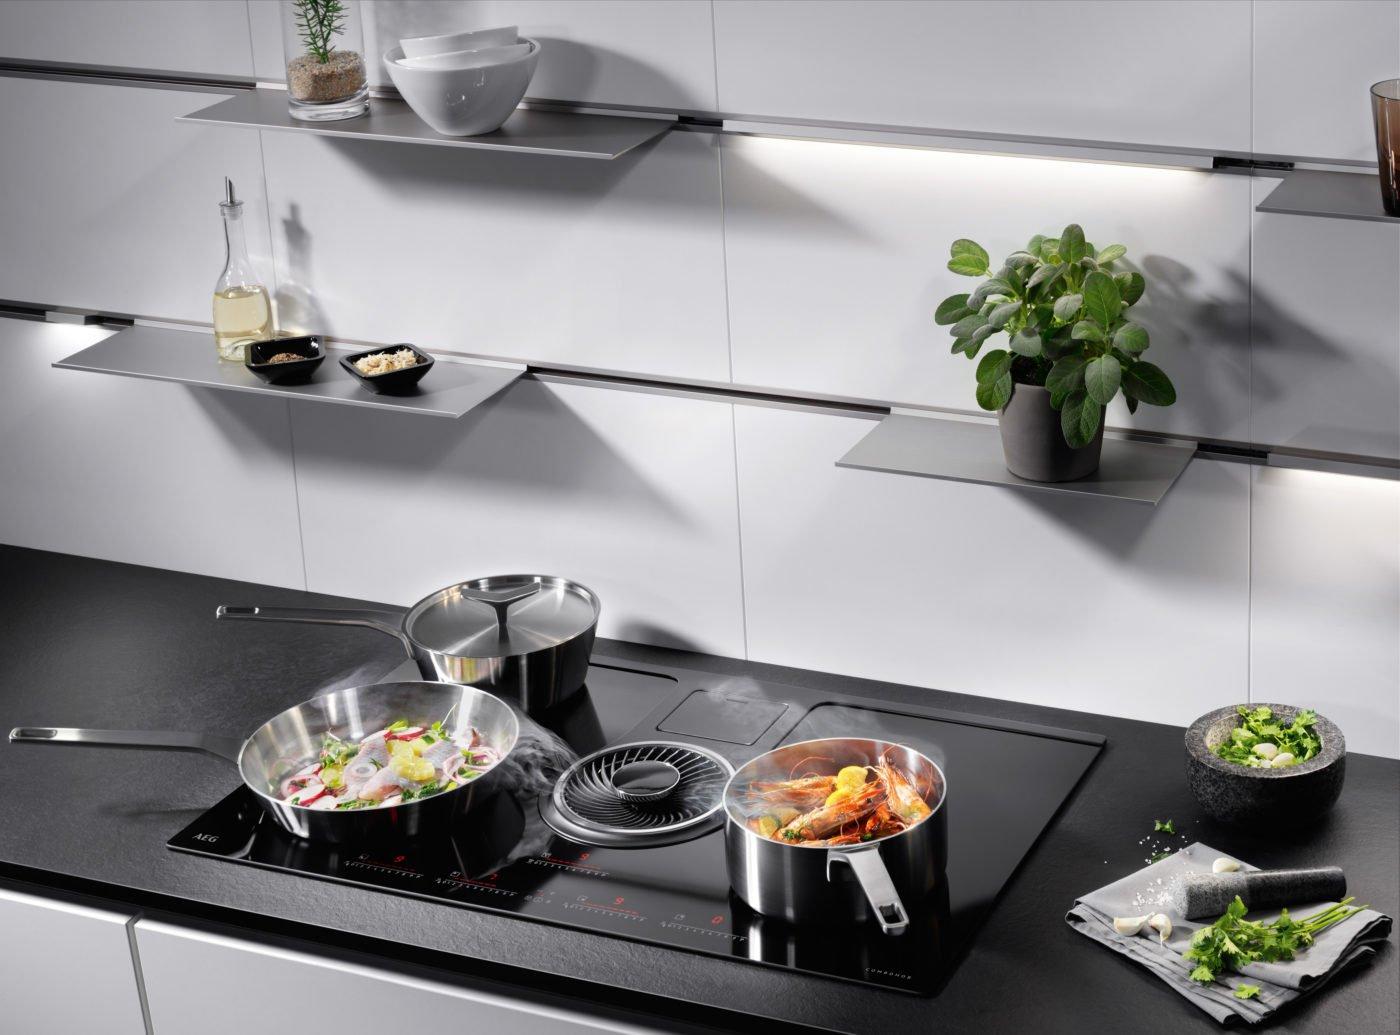 Dunstabzug von AEG Electrolux, der direkt in der Kochfläche integriert ist